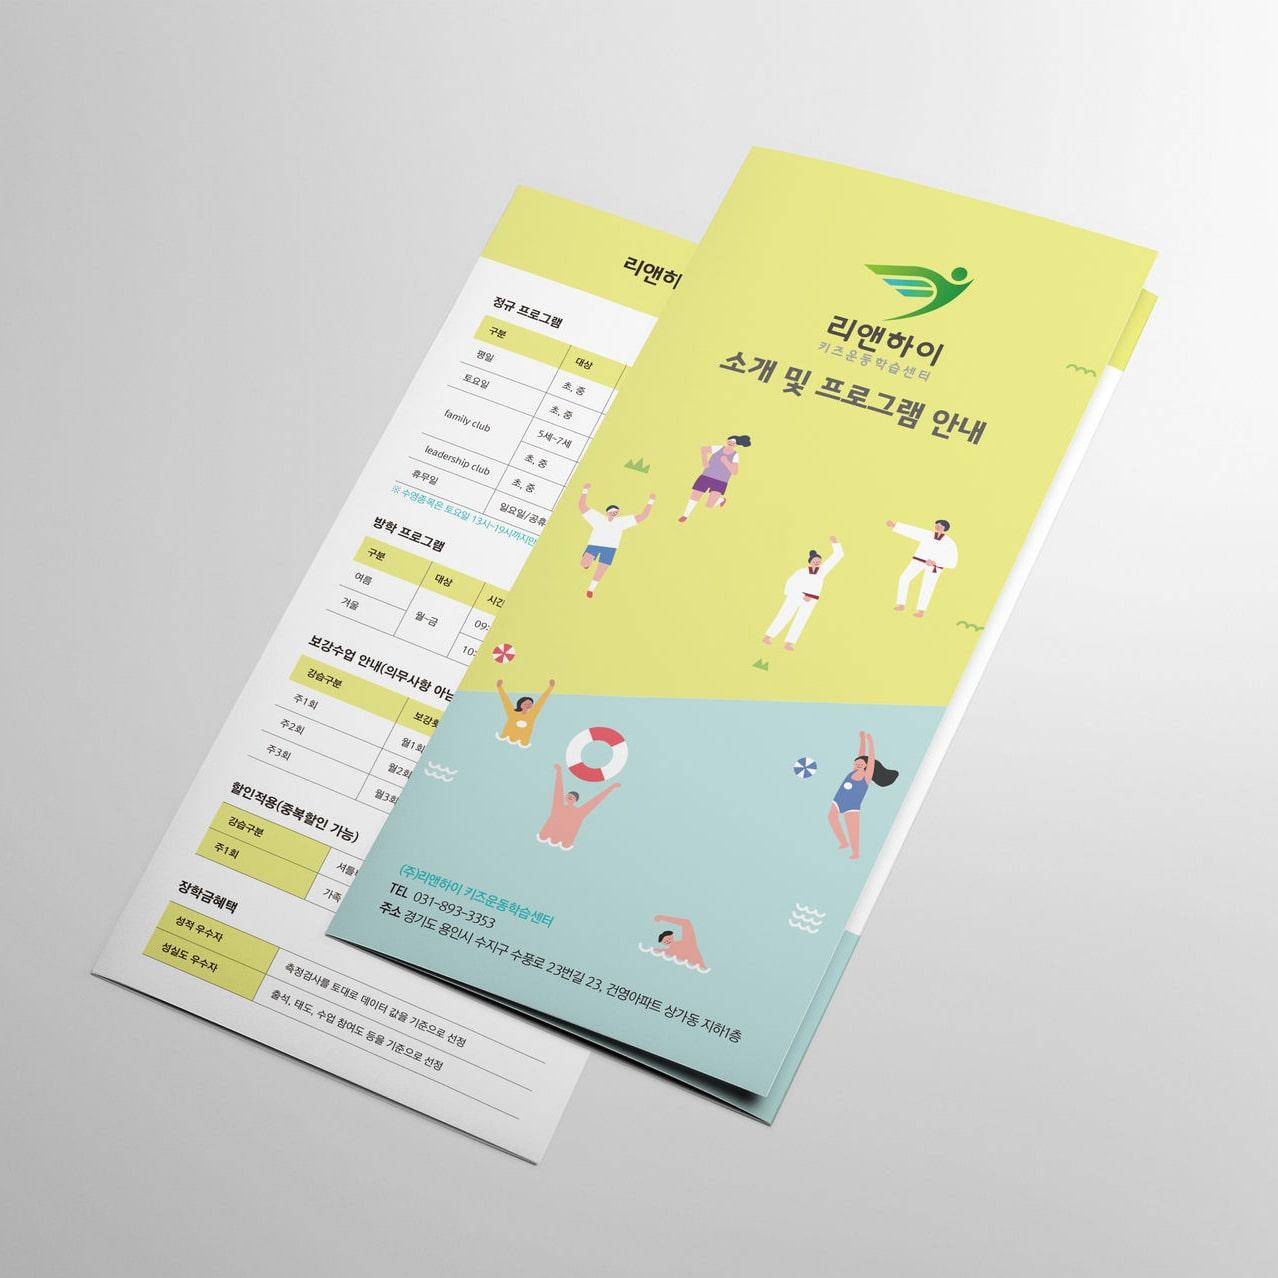 리앤하이 키즈운동학습센터 소개 및 프로그램 안내 리플렛 디자인 시안 - 리앤하이